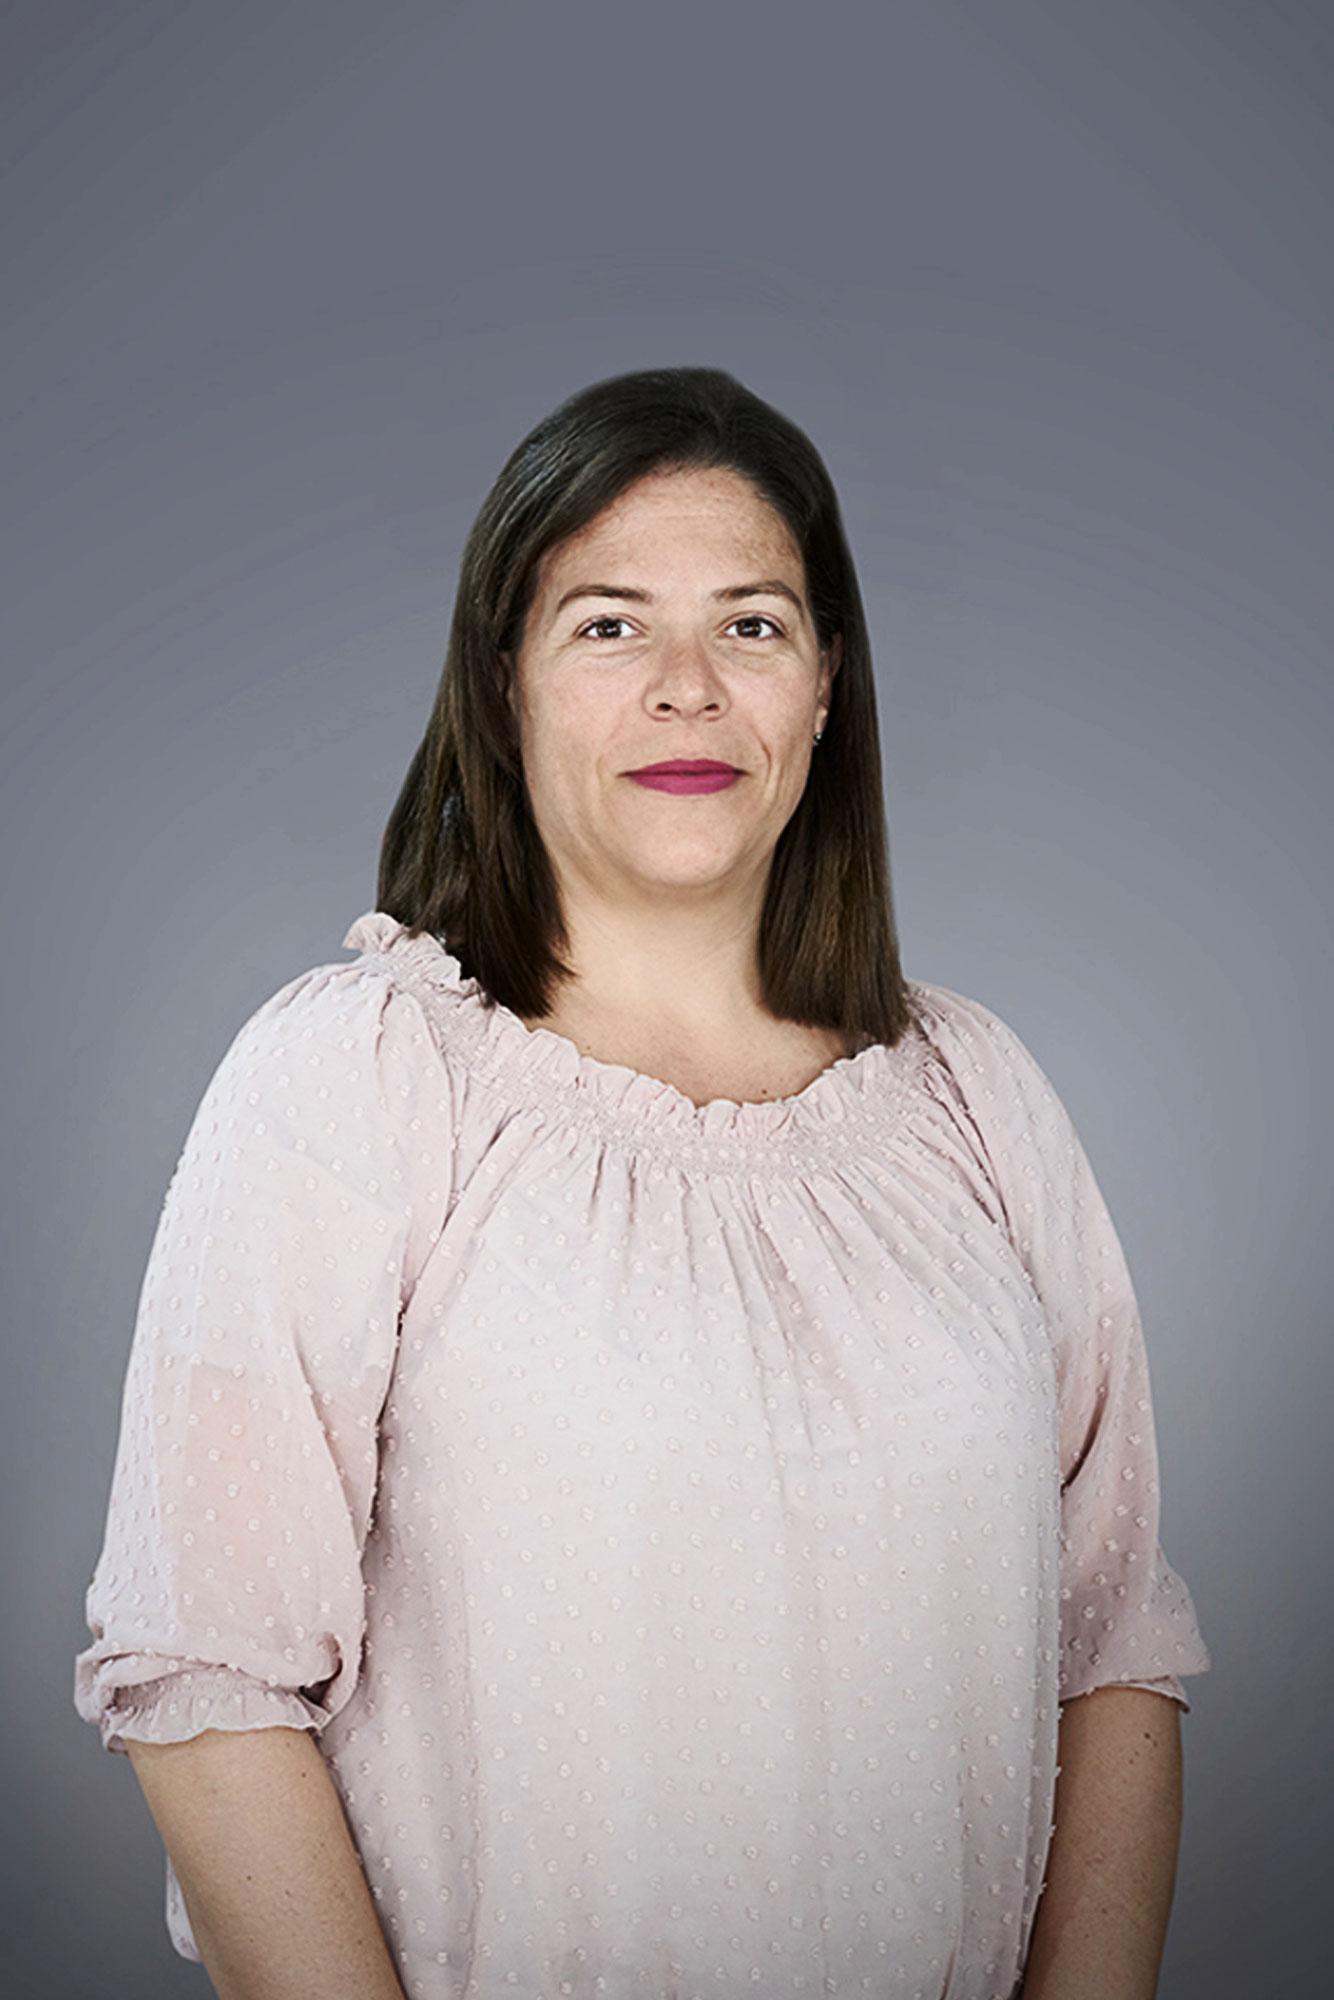 Verónica Giner Durán